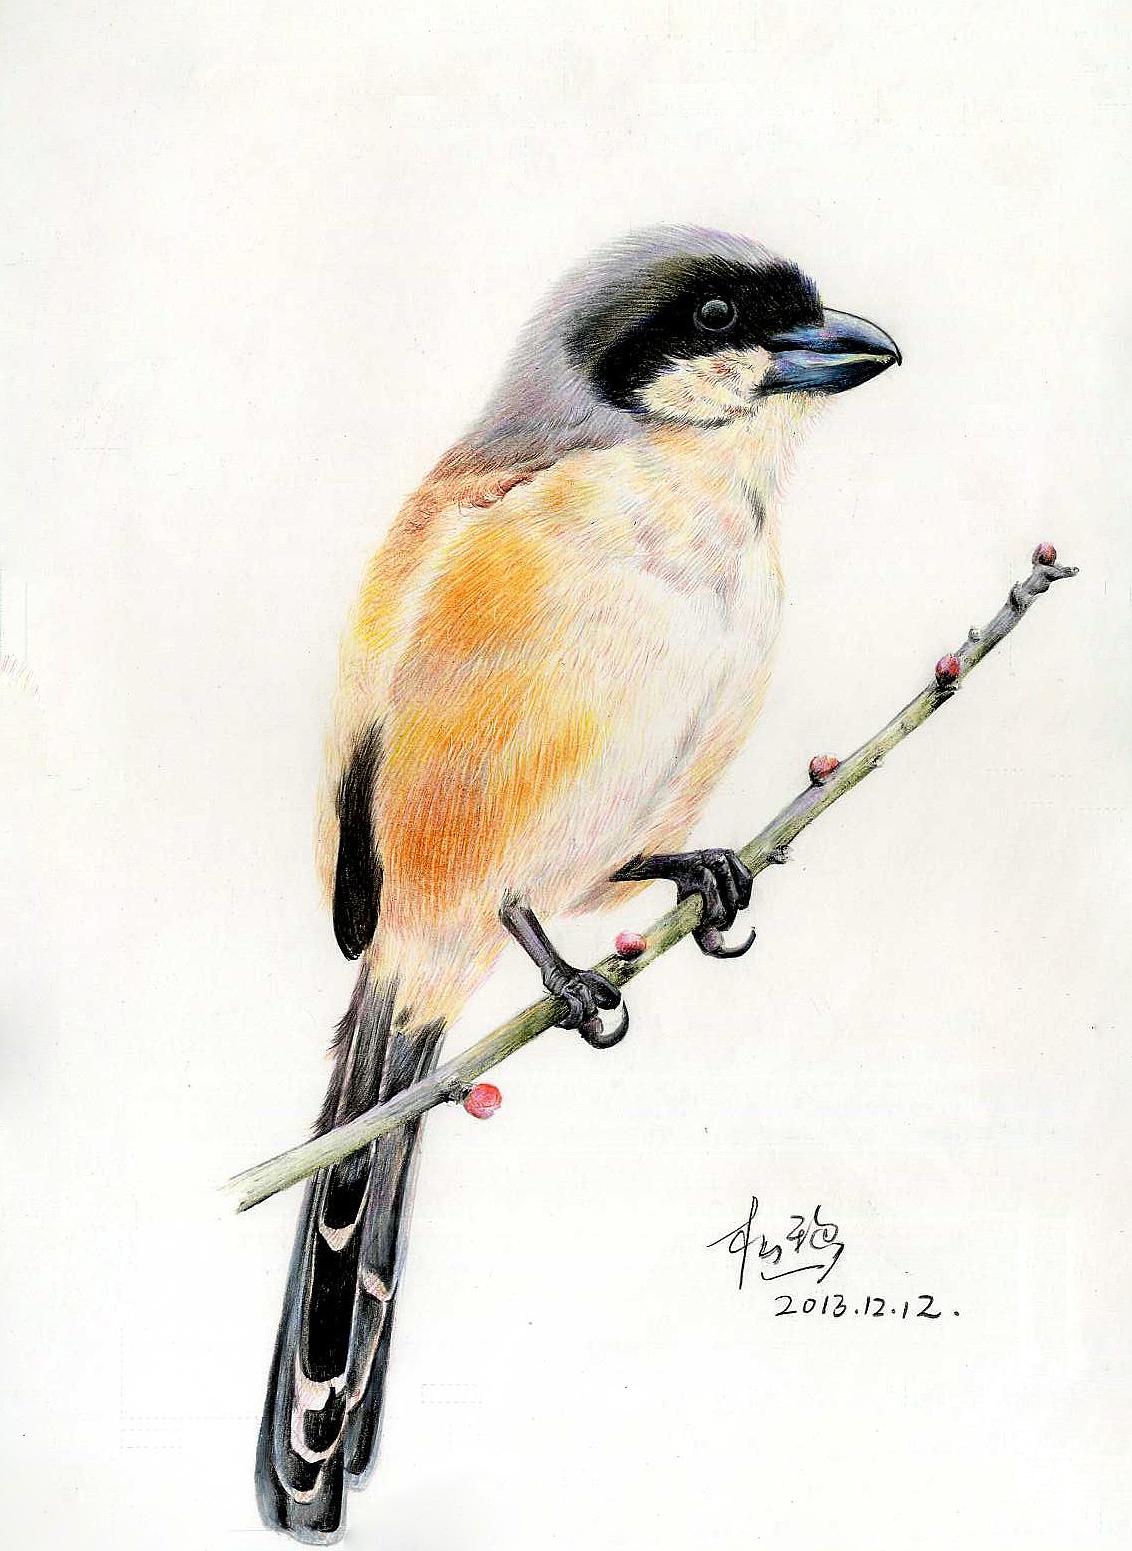 彩铅鸟类手绘——伯劳